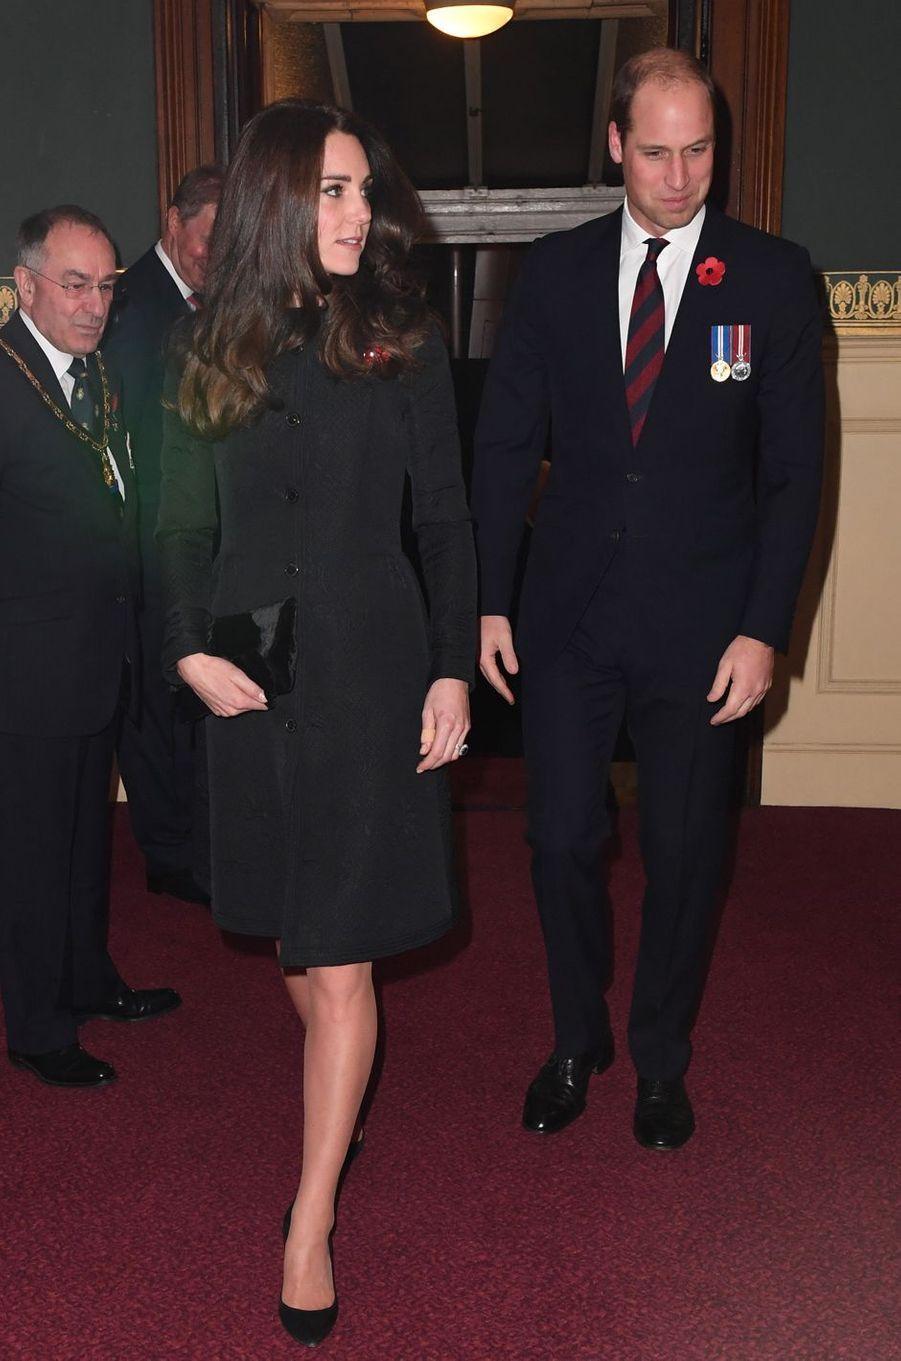 La duchesse de Cambridge, née Kate Middleton, et le prince William à Londres, le 12 novembre 2016